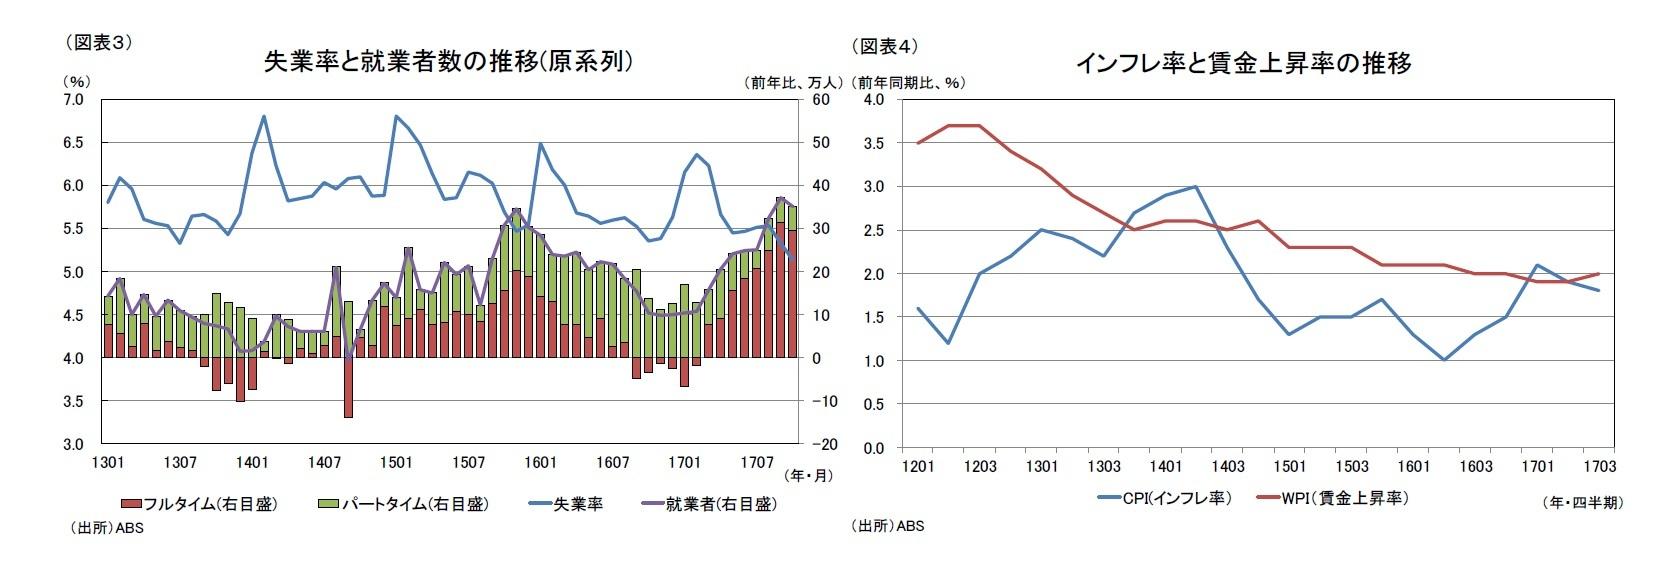 (図表3)失業率と就業者数の推移(原系列)/(図表4)インフレ率と賃金上昇率の推移